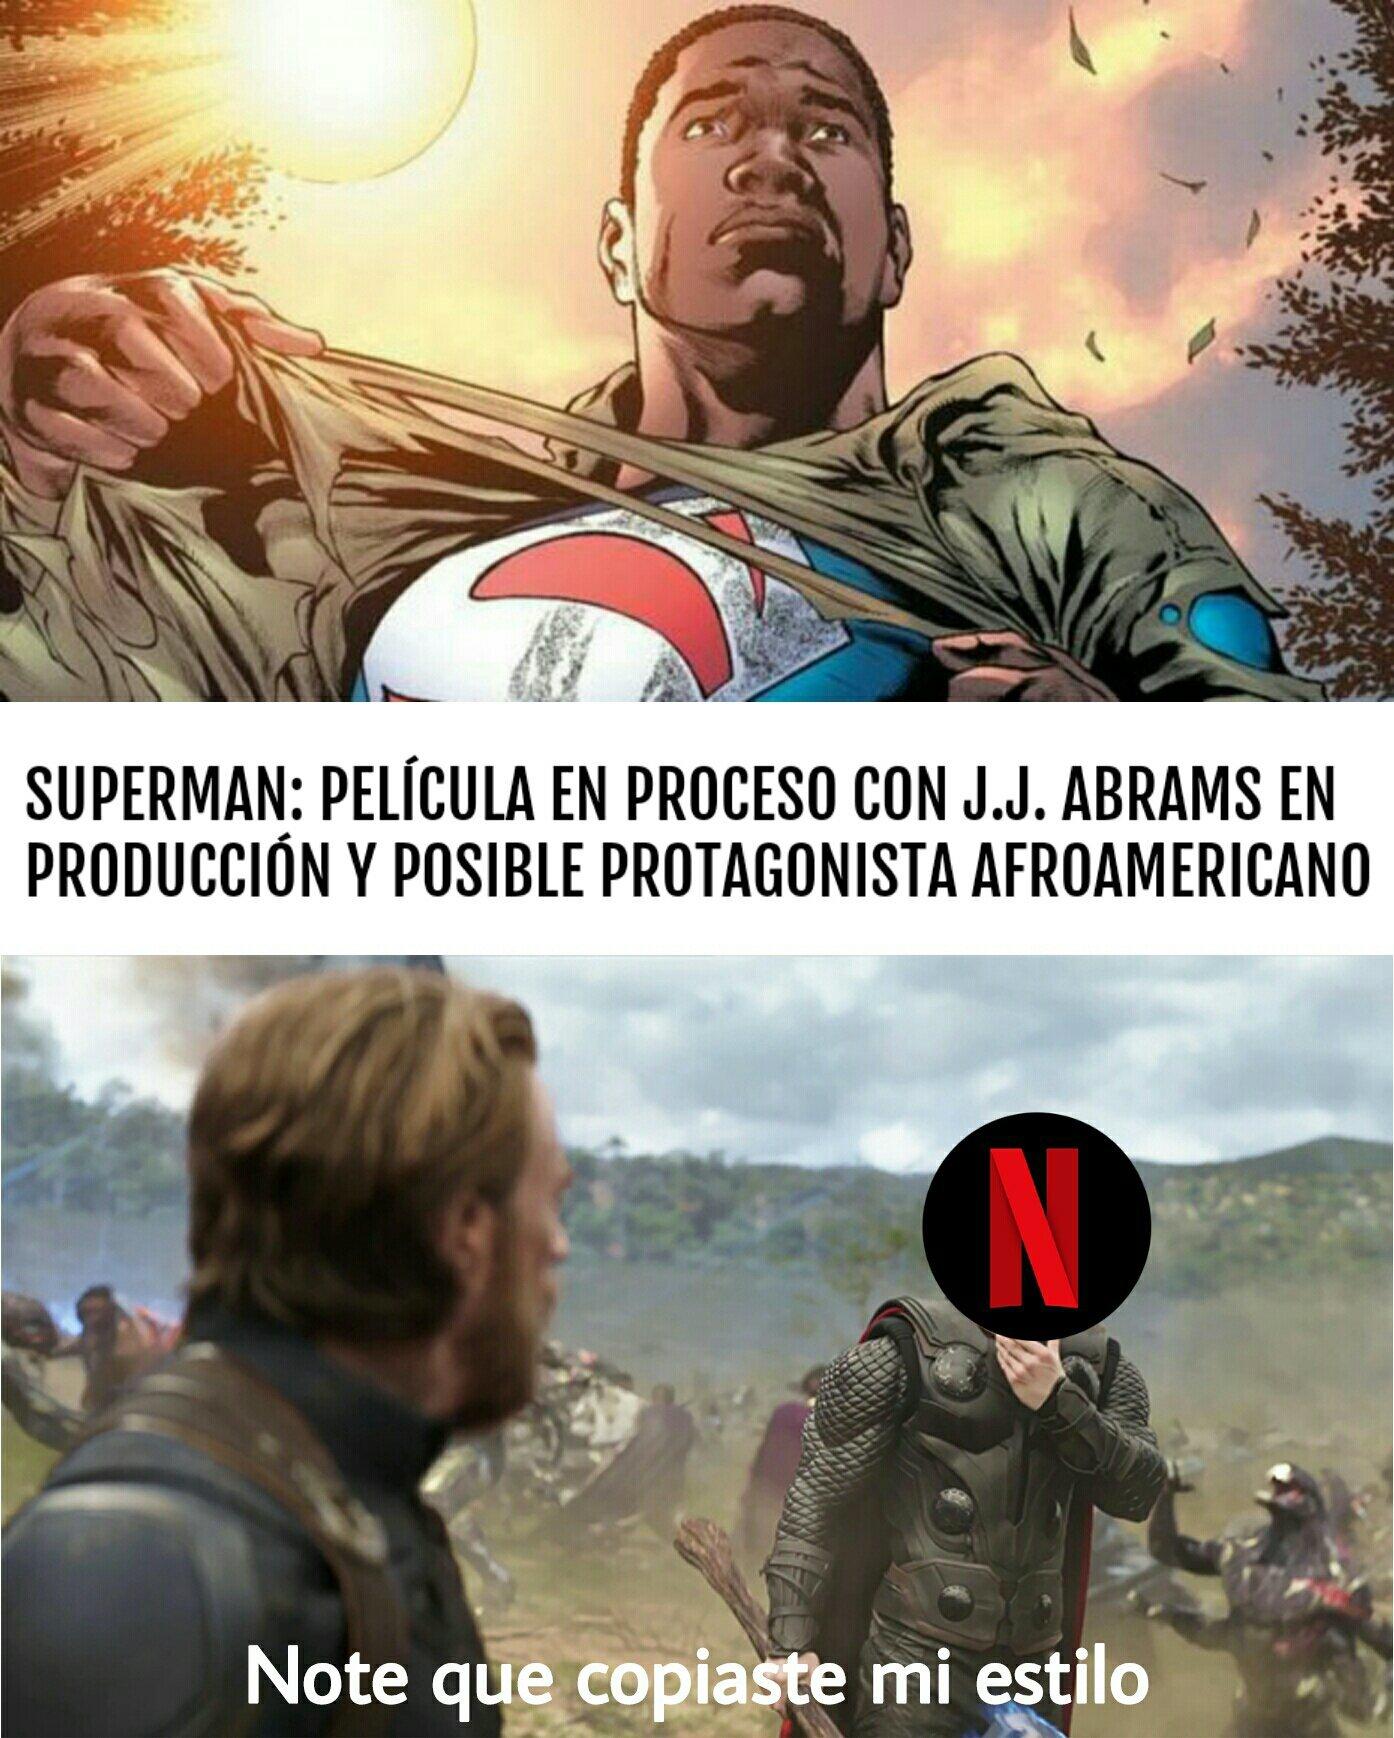 Nuevo reboot de Superman WTF - meme